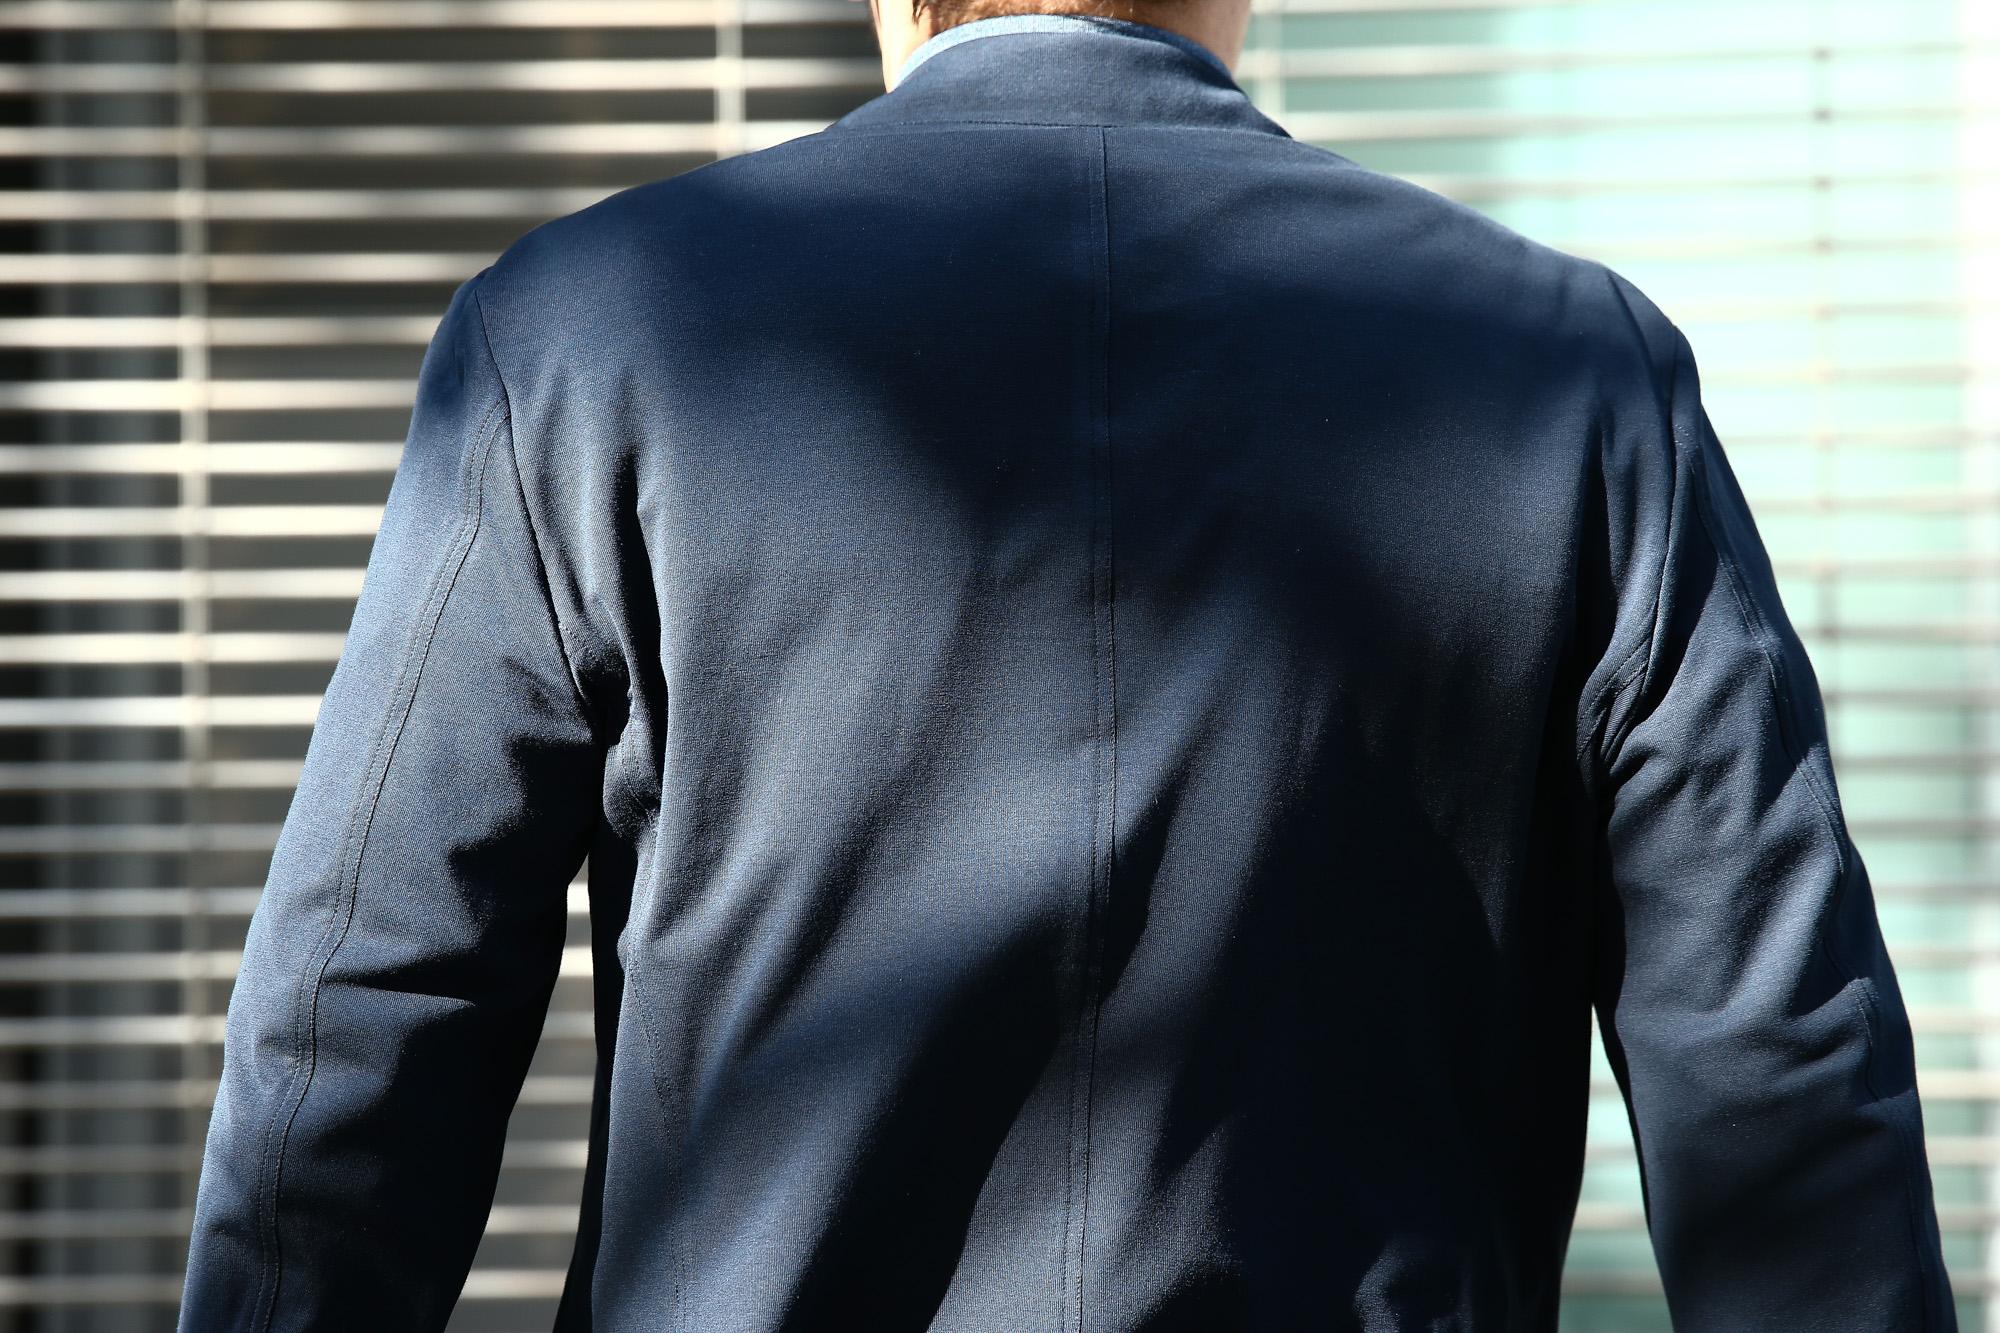 Cruciani(クルチアーニ) Cotton Jersey Jacket (コットンジャージージャケット) Micro Smooth Cotton マイクロスムースコットン ニット ジャケット NAVY (ネイビー・10973) made in italy (イタリア製) 2018 春夏新作 愛知 名古屋 Alto e Diritto アルト エ デリット cruciani クルチアーニ  44,46,48,50,52,54